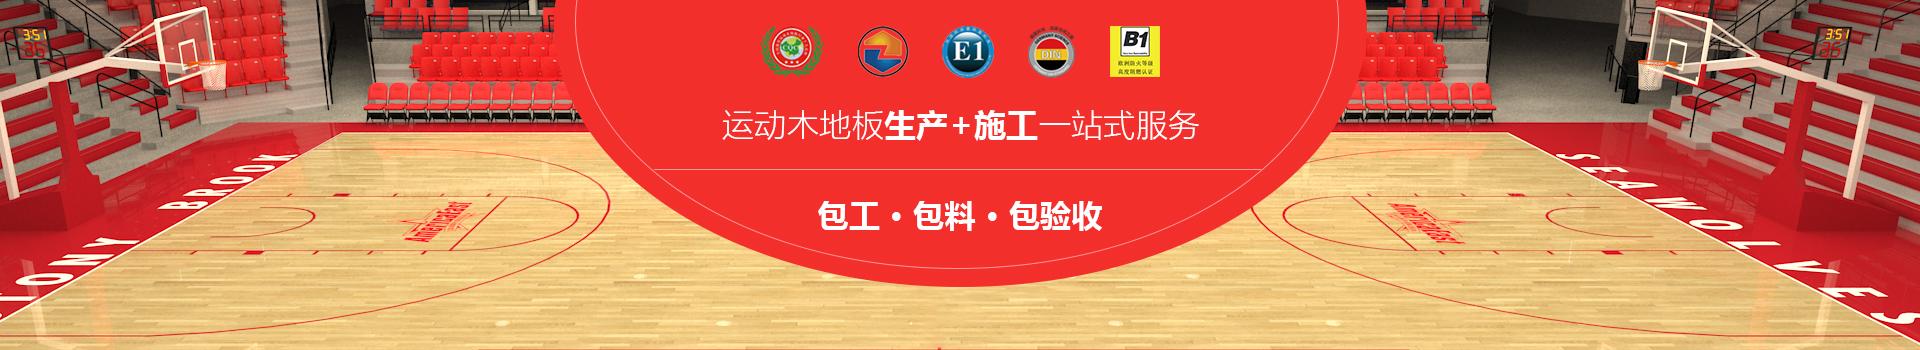 体育木地板产品展示